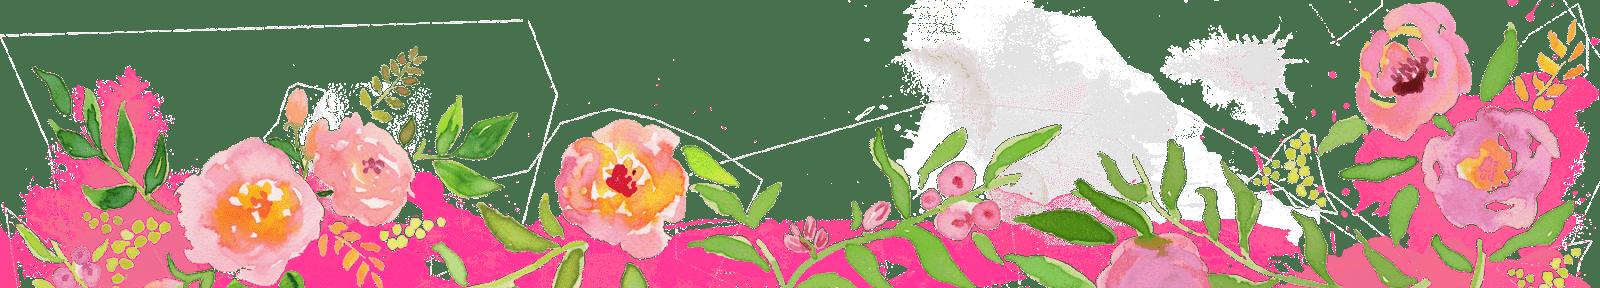 chia sẻ kinh nghiệm chơi hoa hồng